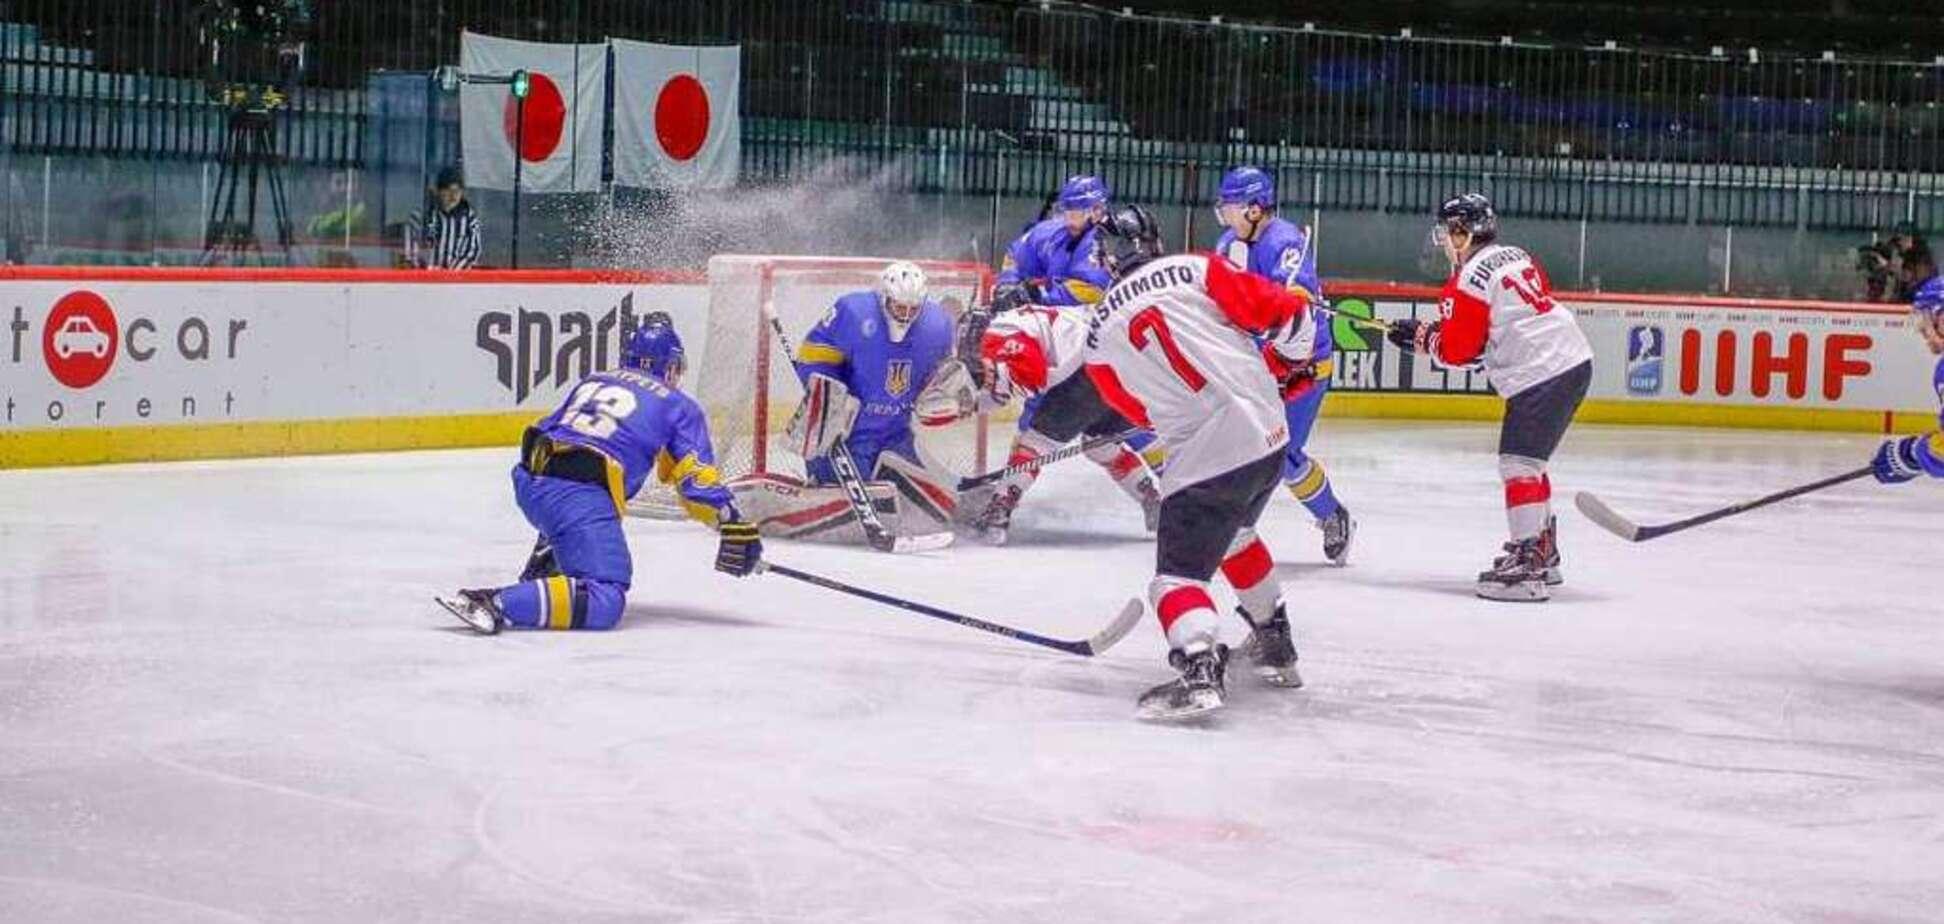 Сборная Украины стартовала на ЧМ по хоккею поражением от Японии